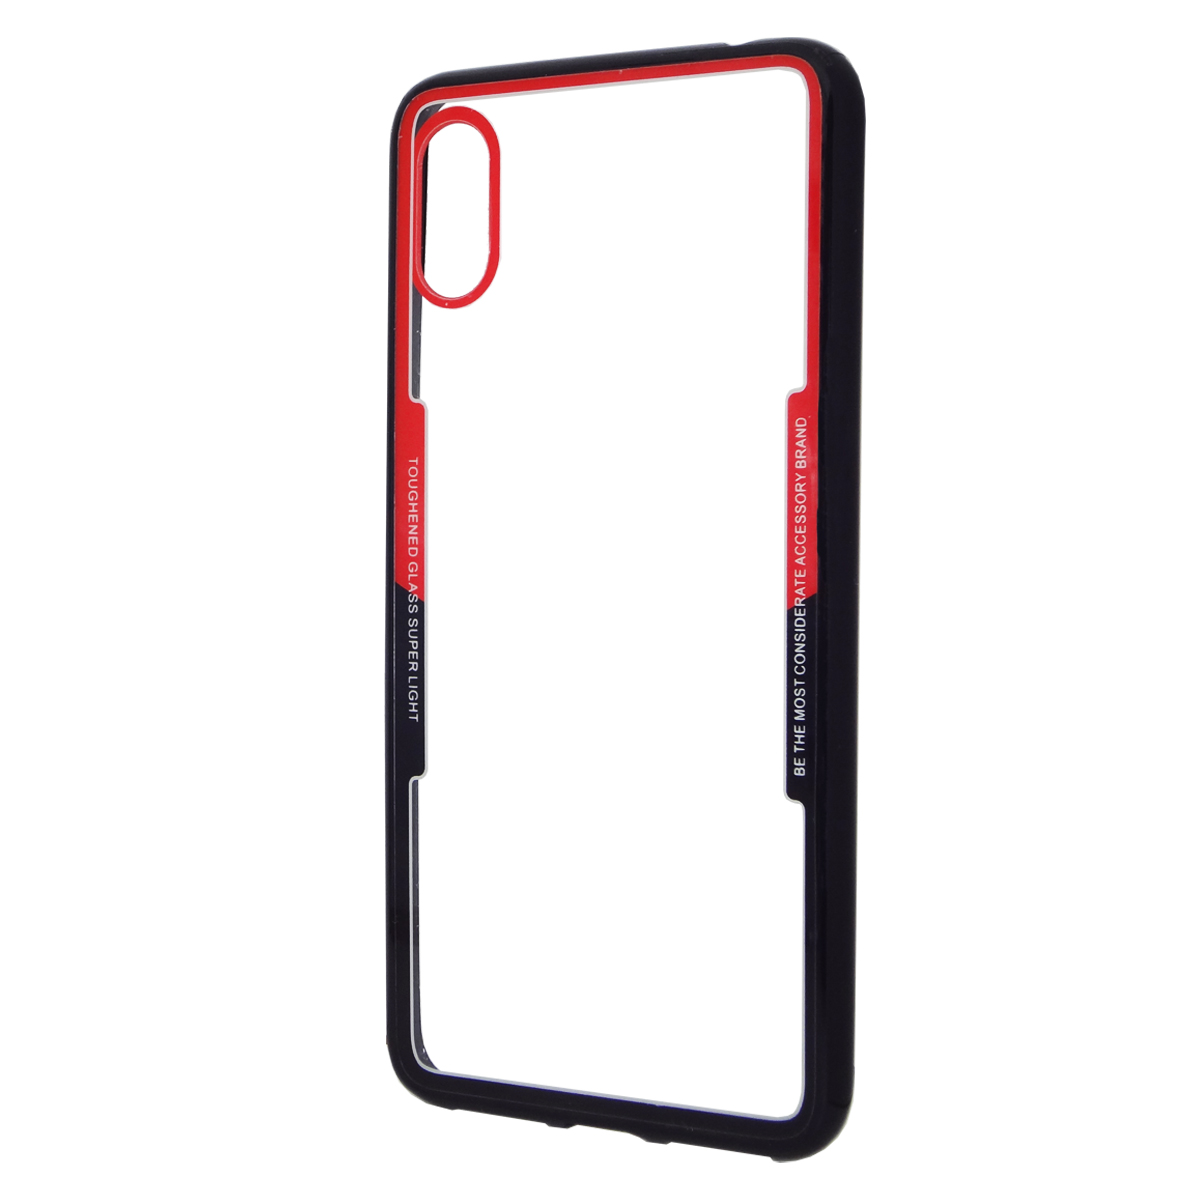 کاور مدل Clear مناسب برای گوشی موبایل اپل آیفون X/Xs              ( قیمت و خرید)